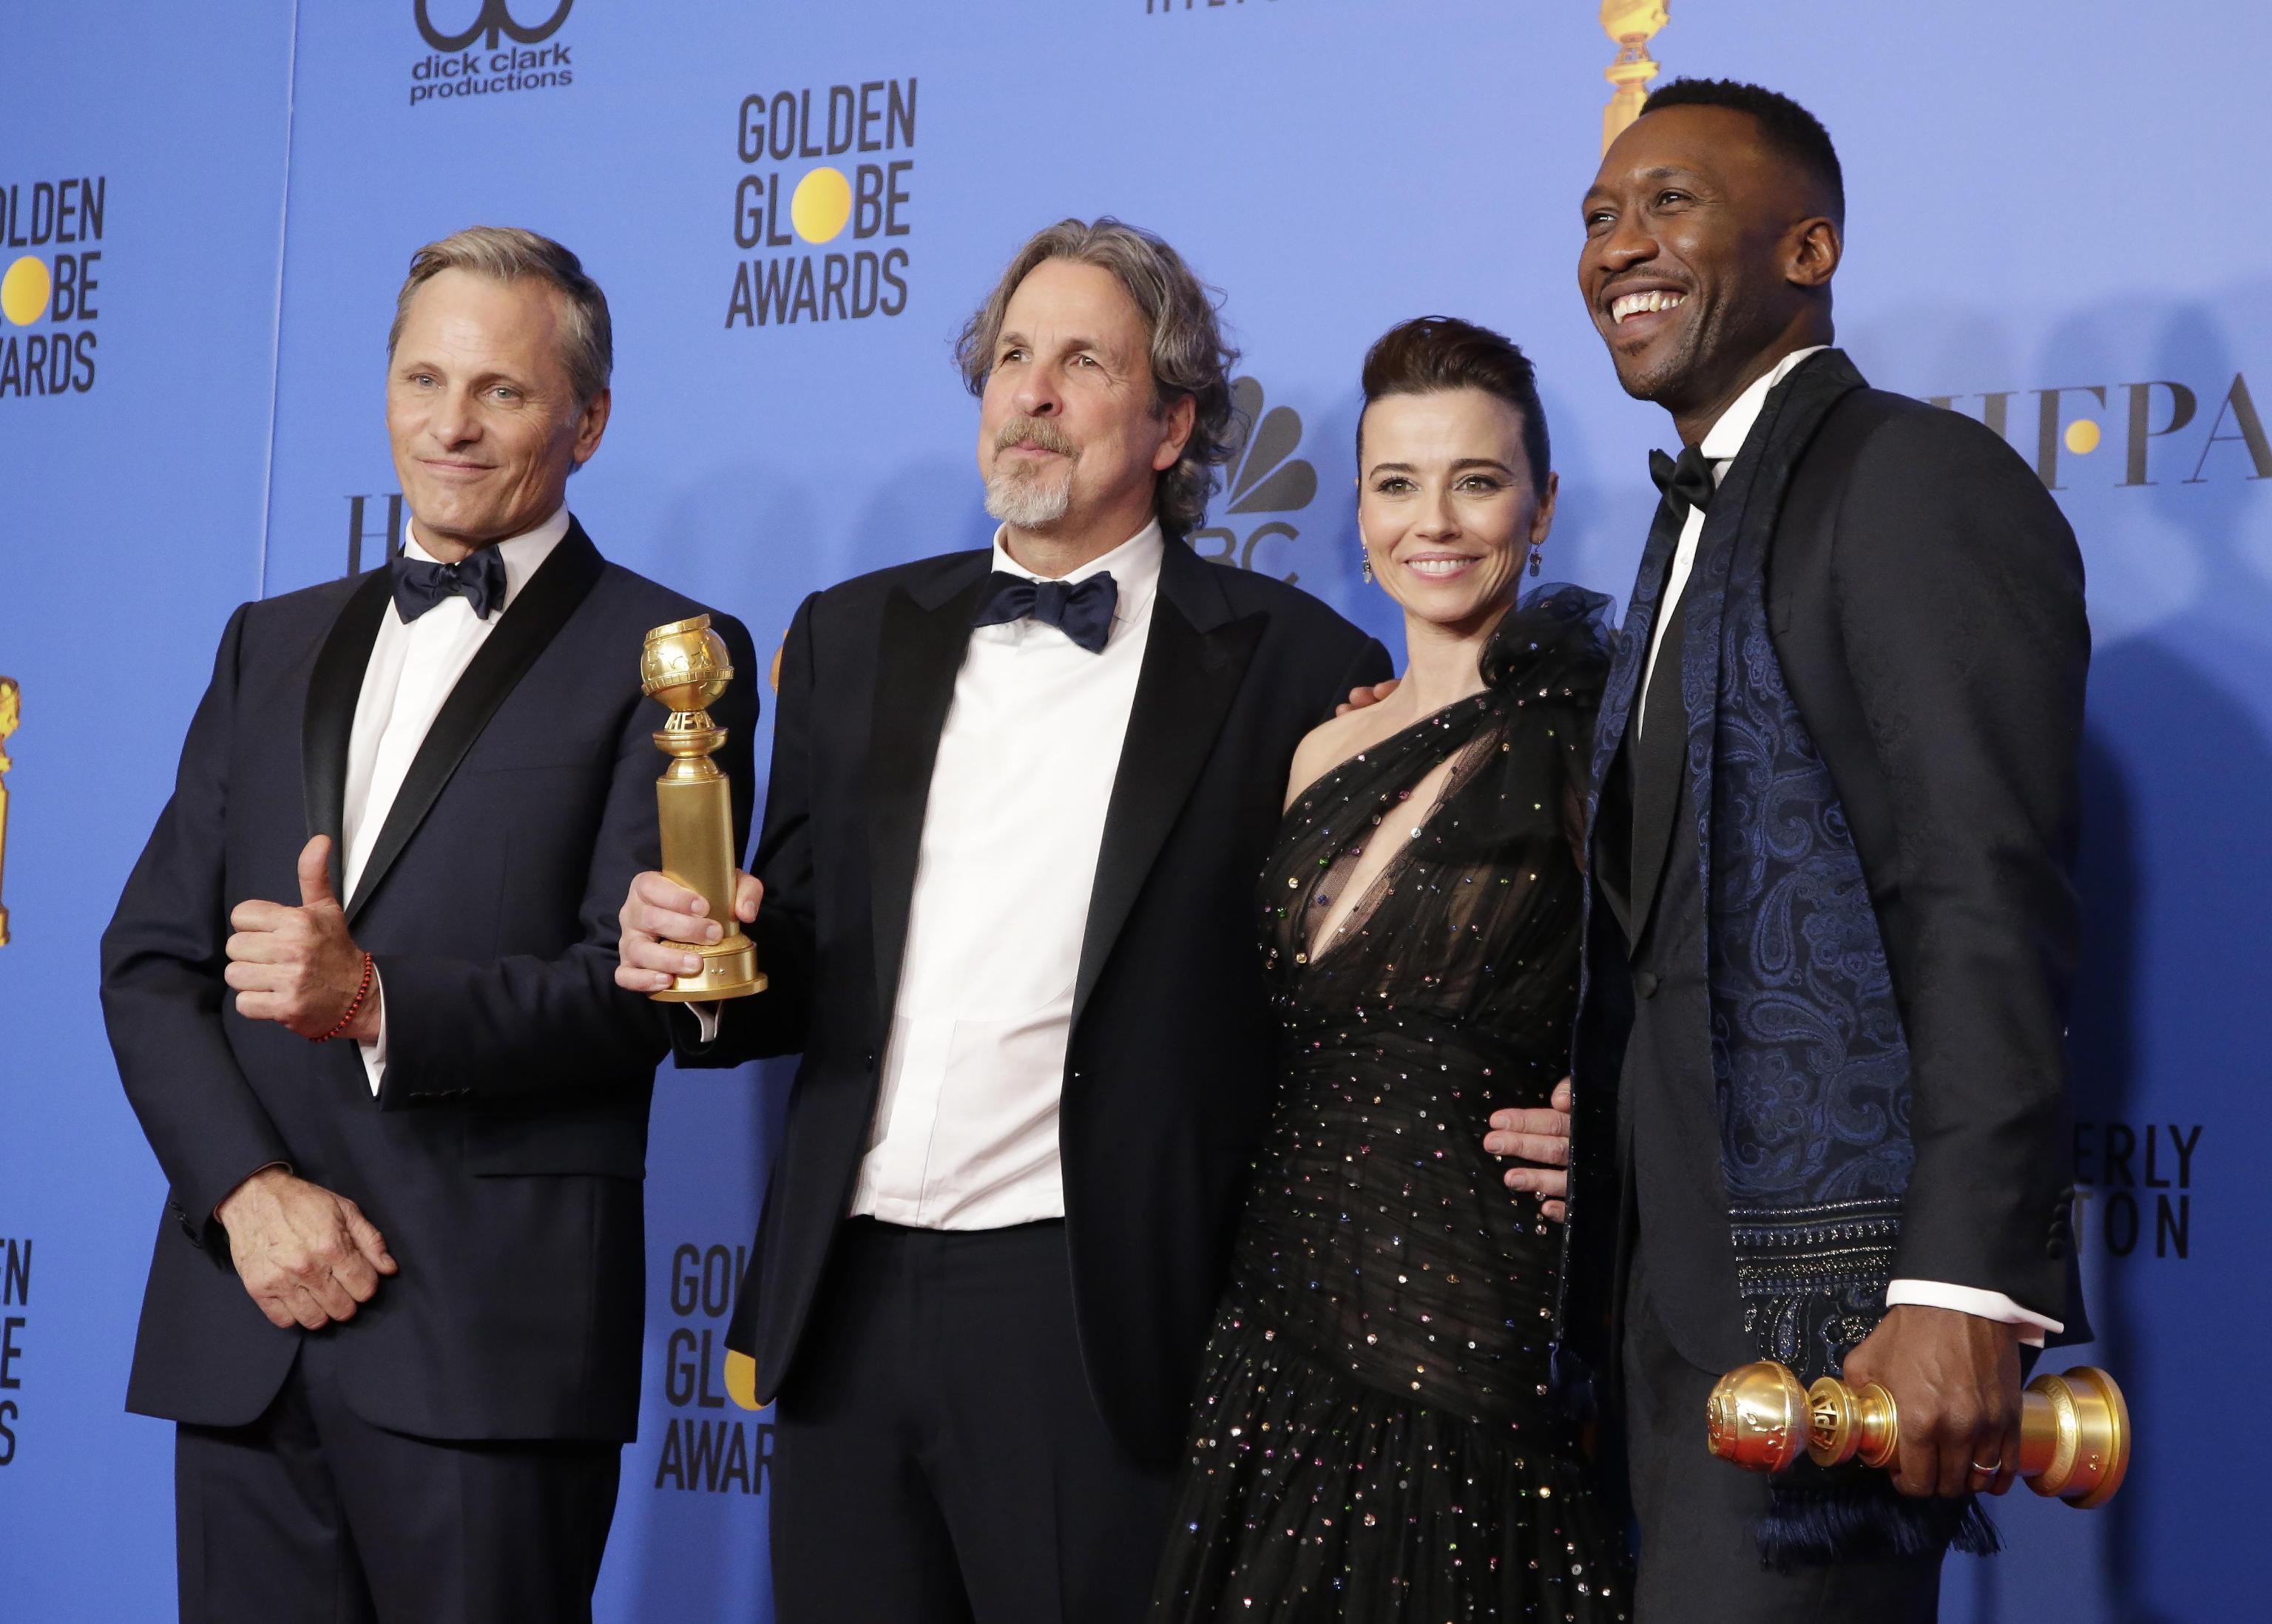 'Green Book' ha vinto a sorpresa il premio per miglior commedia o musical, superando il favoritissimo 'Vice'